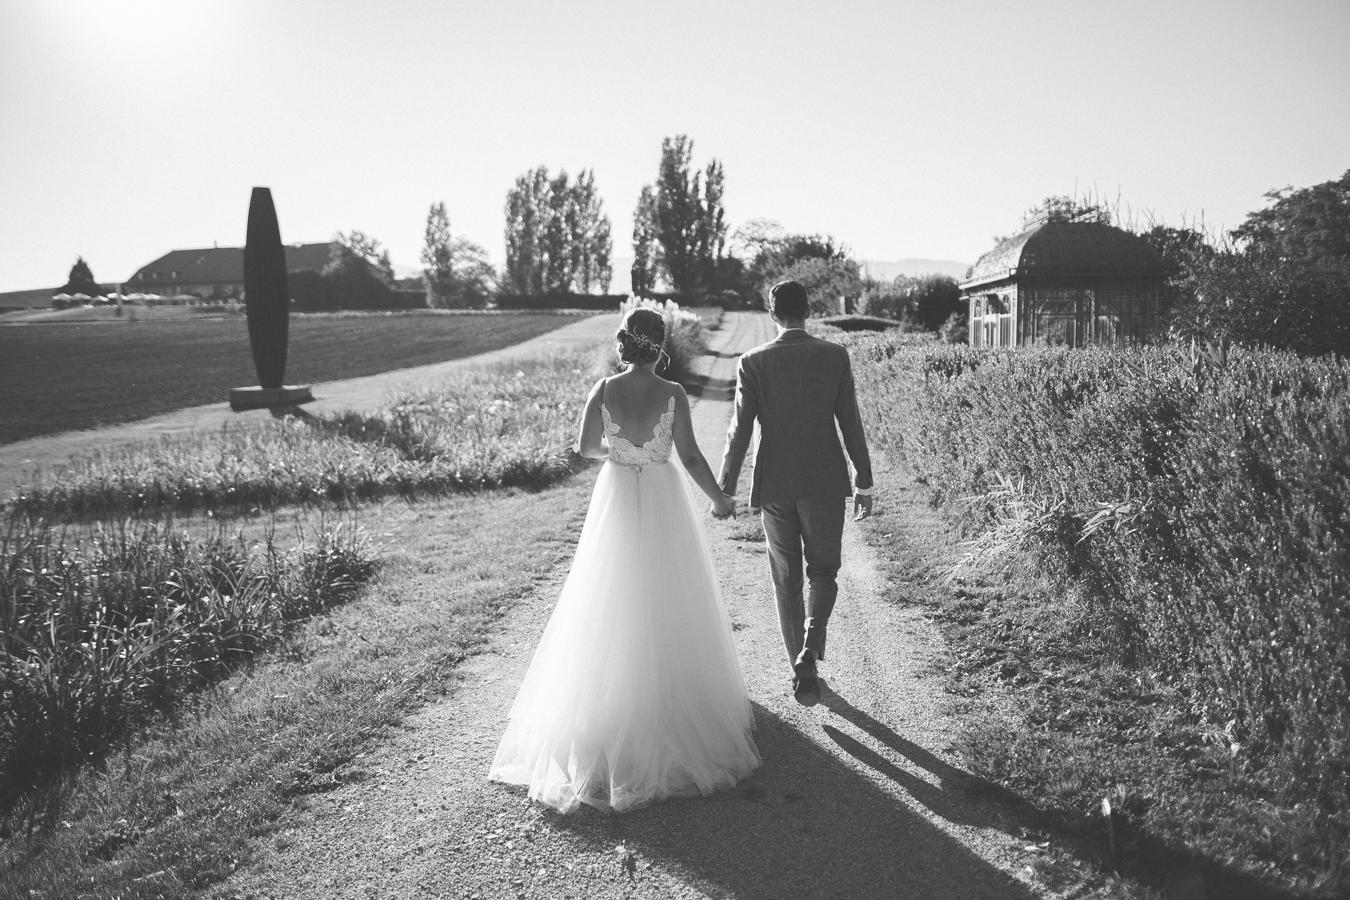 alex dim15 - Un mariage de rêve en 2020, challenge relevé avec brio pour Sophie et Dimitri!